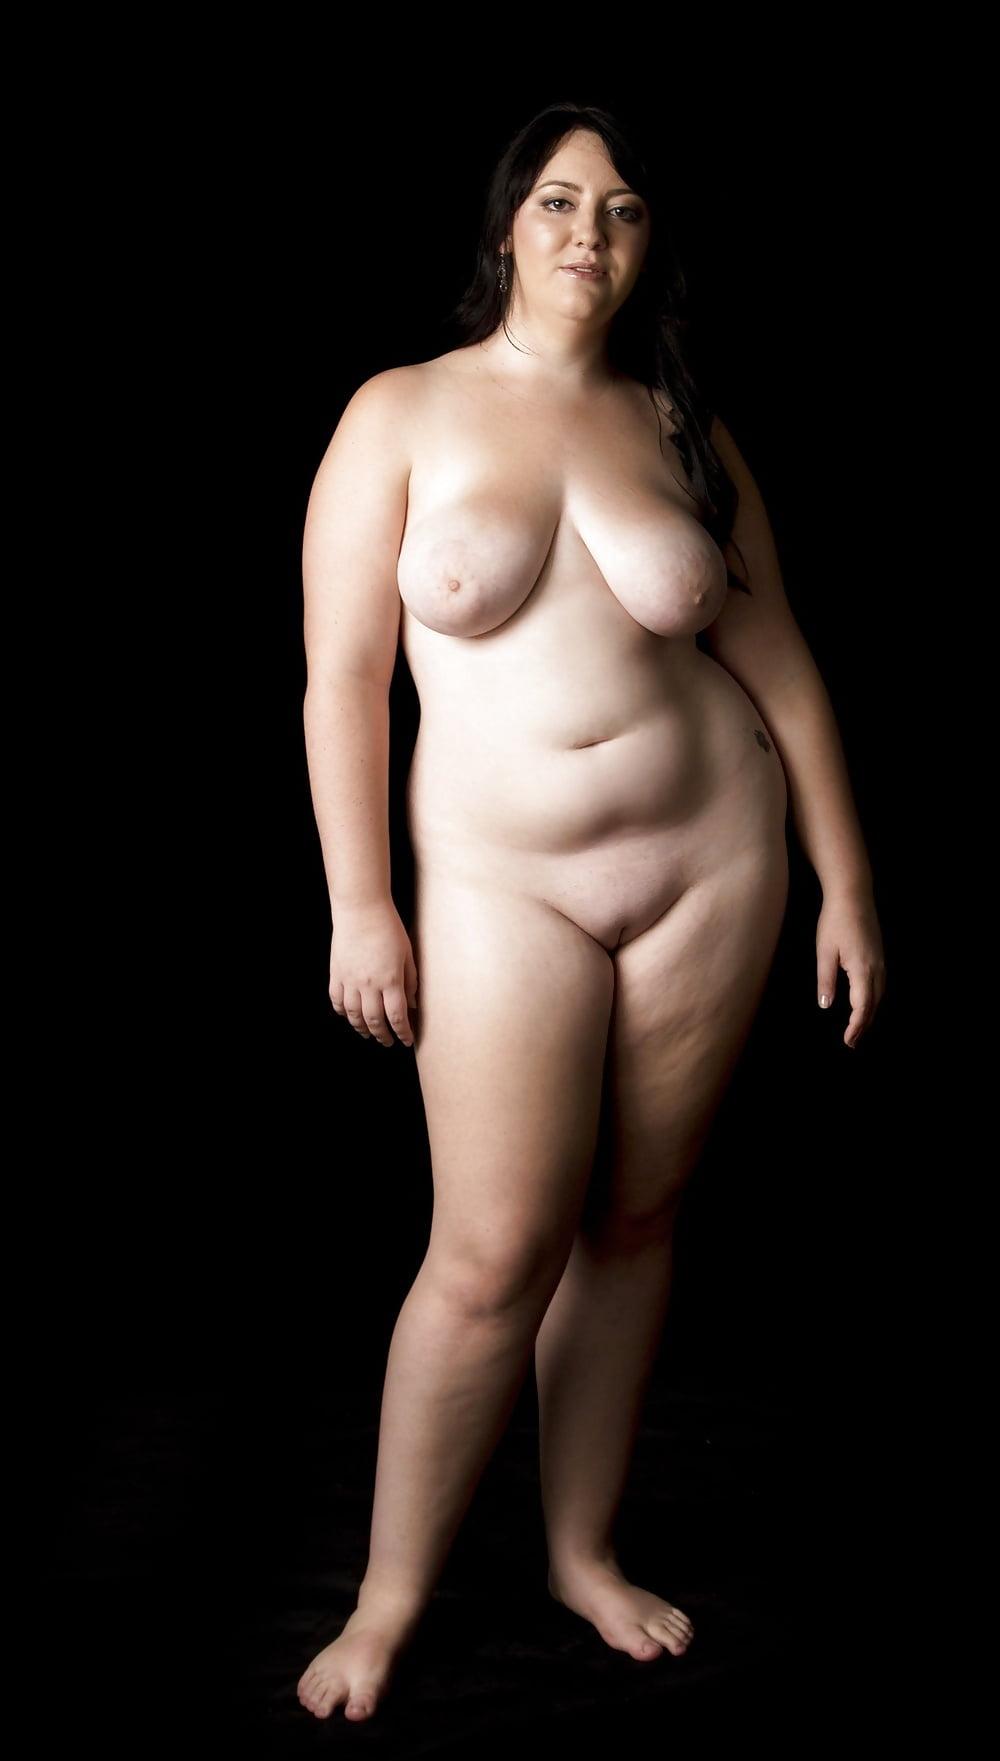 женщины в теле ню